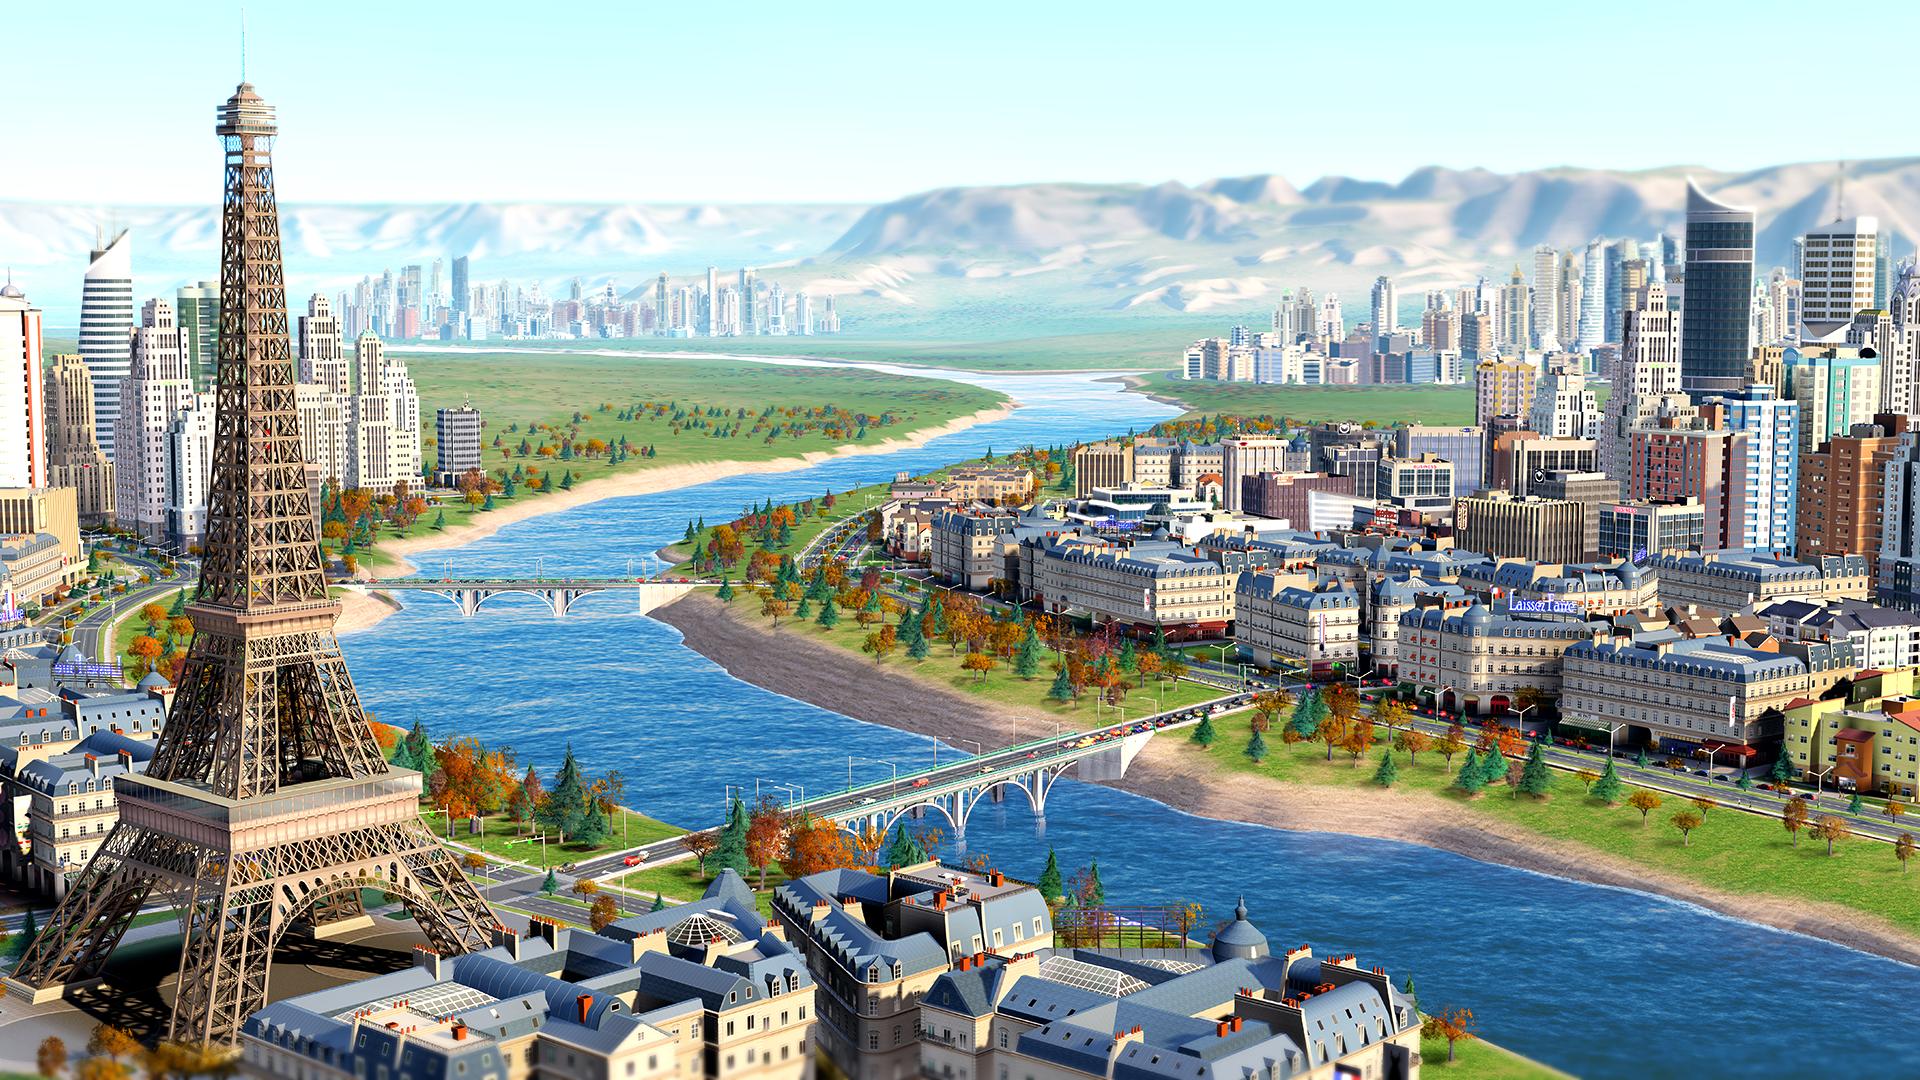 Llegan 10 nuevas screenshots de SimCity mostrando algunos presets de ciudades famosas (y no tanto) [Screens]